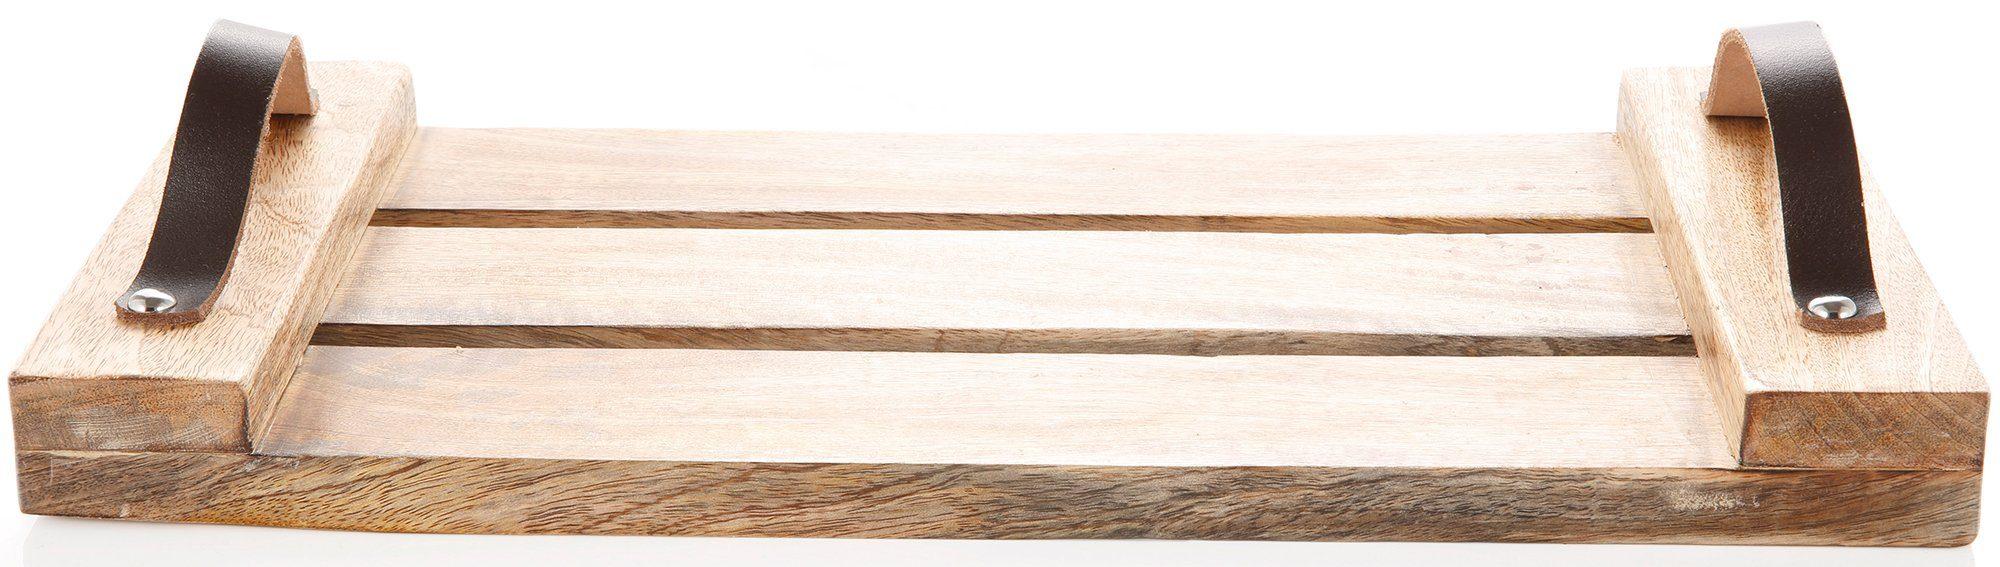 Holz Tablett Mit Gestell Preisvergleich  Die besten